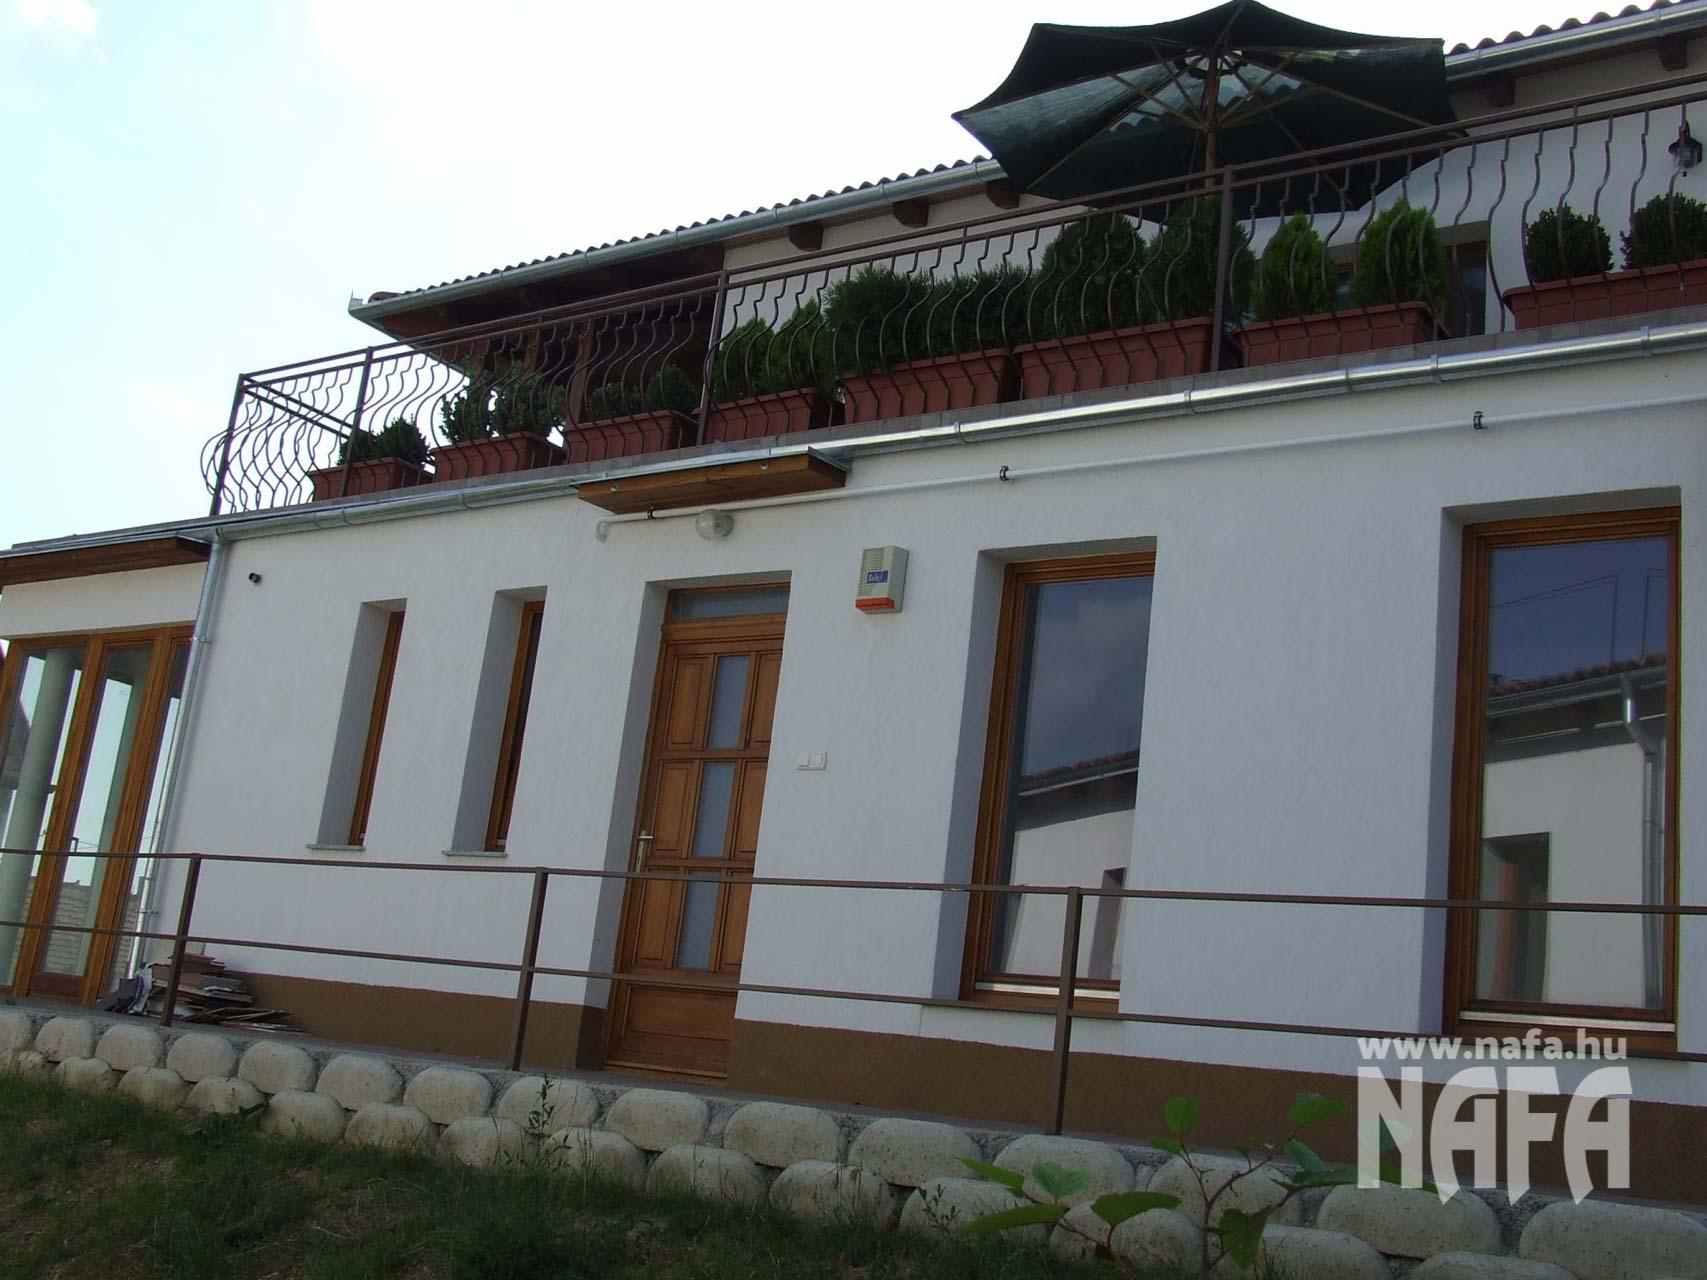 Fa nyílászárók, egyedi festett erkélyajtó és ablakok, Pécs Közintézmény